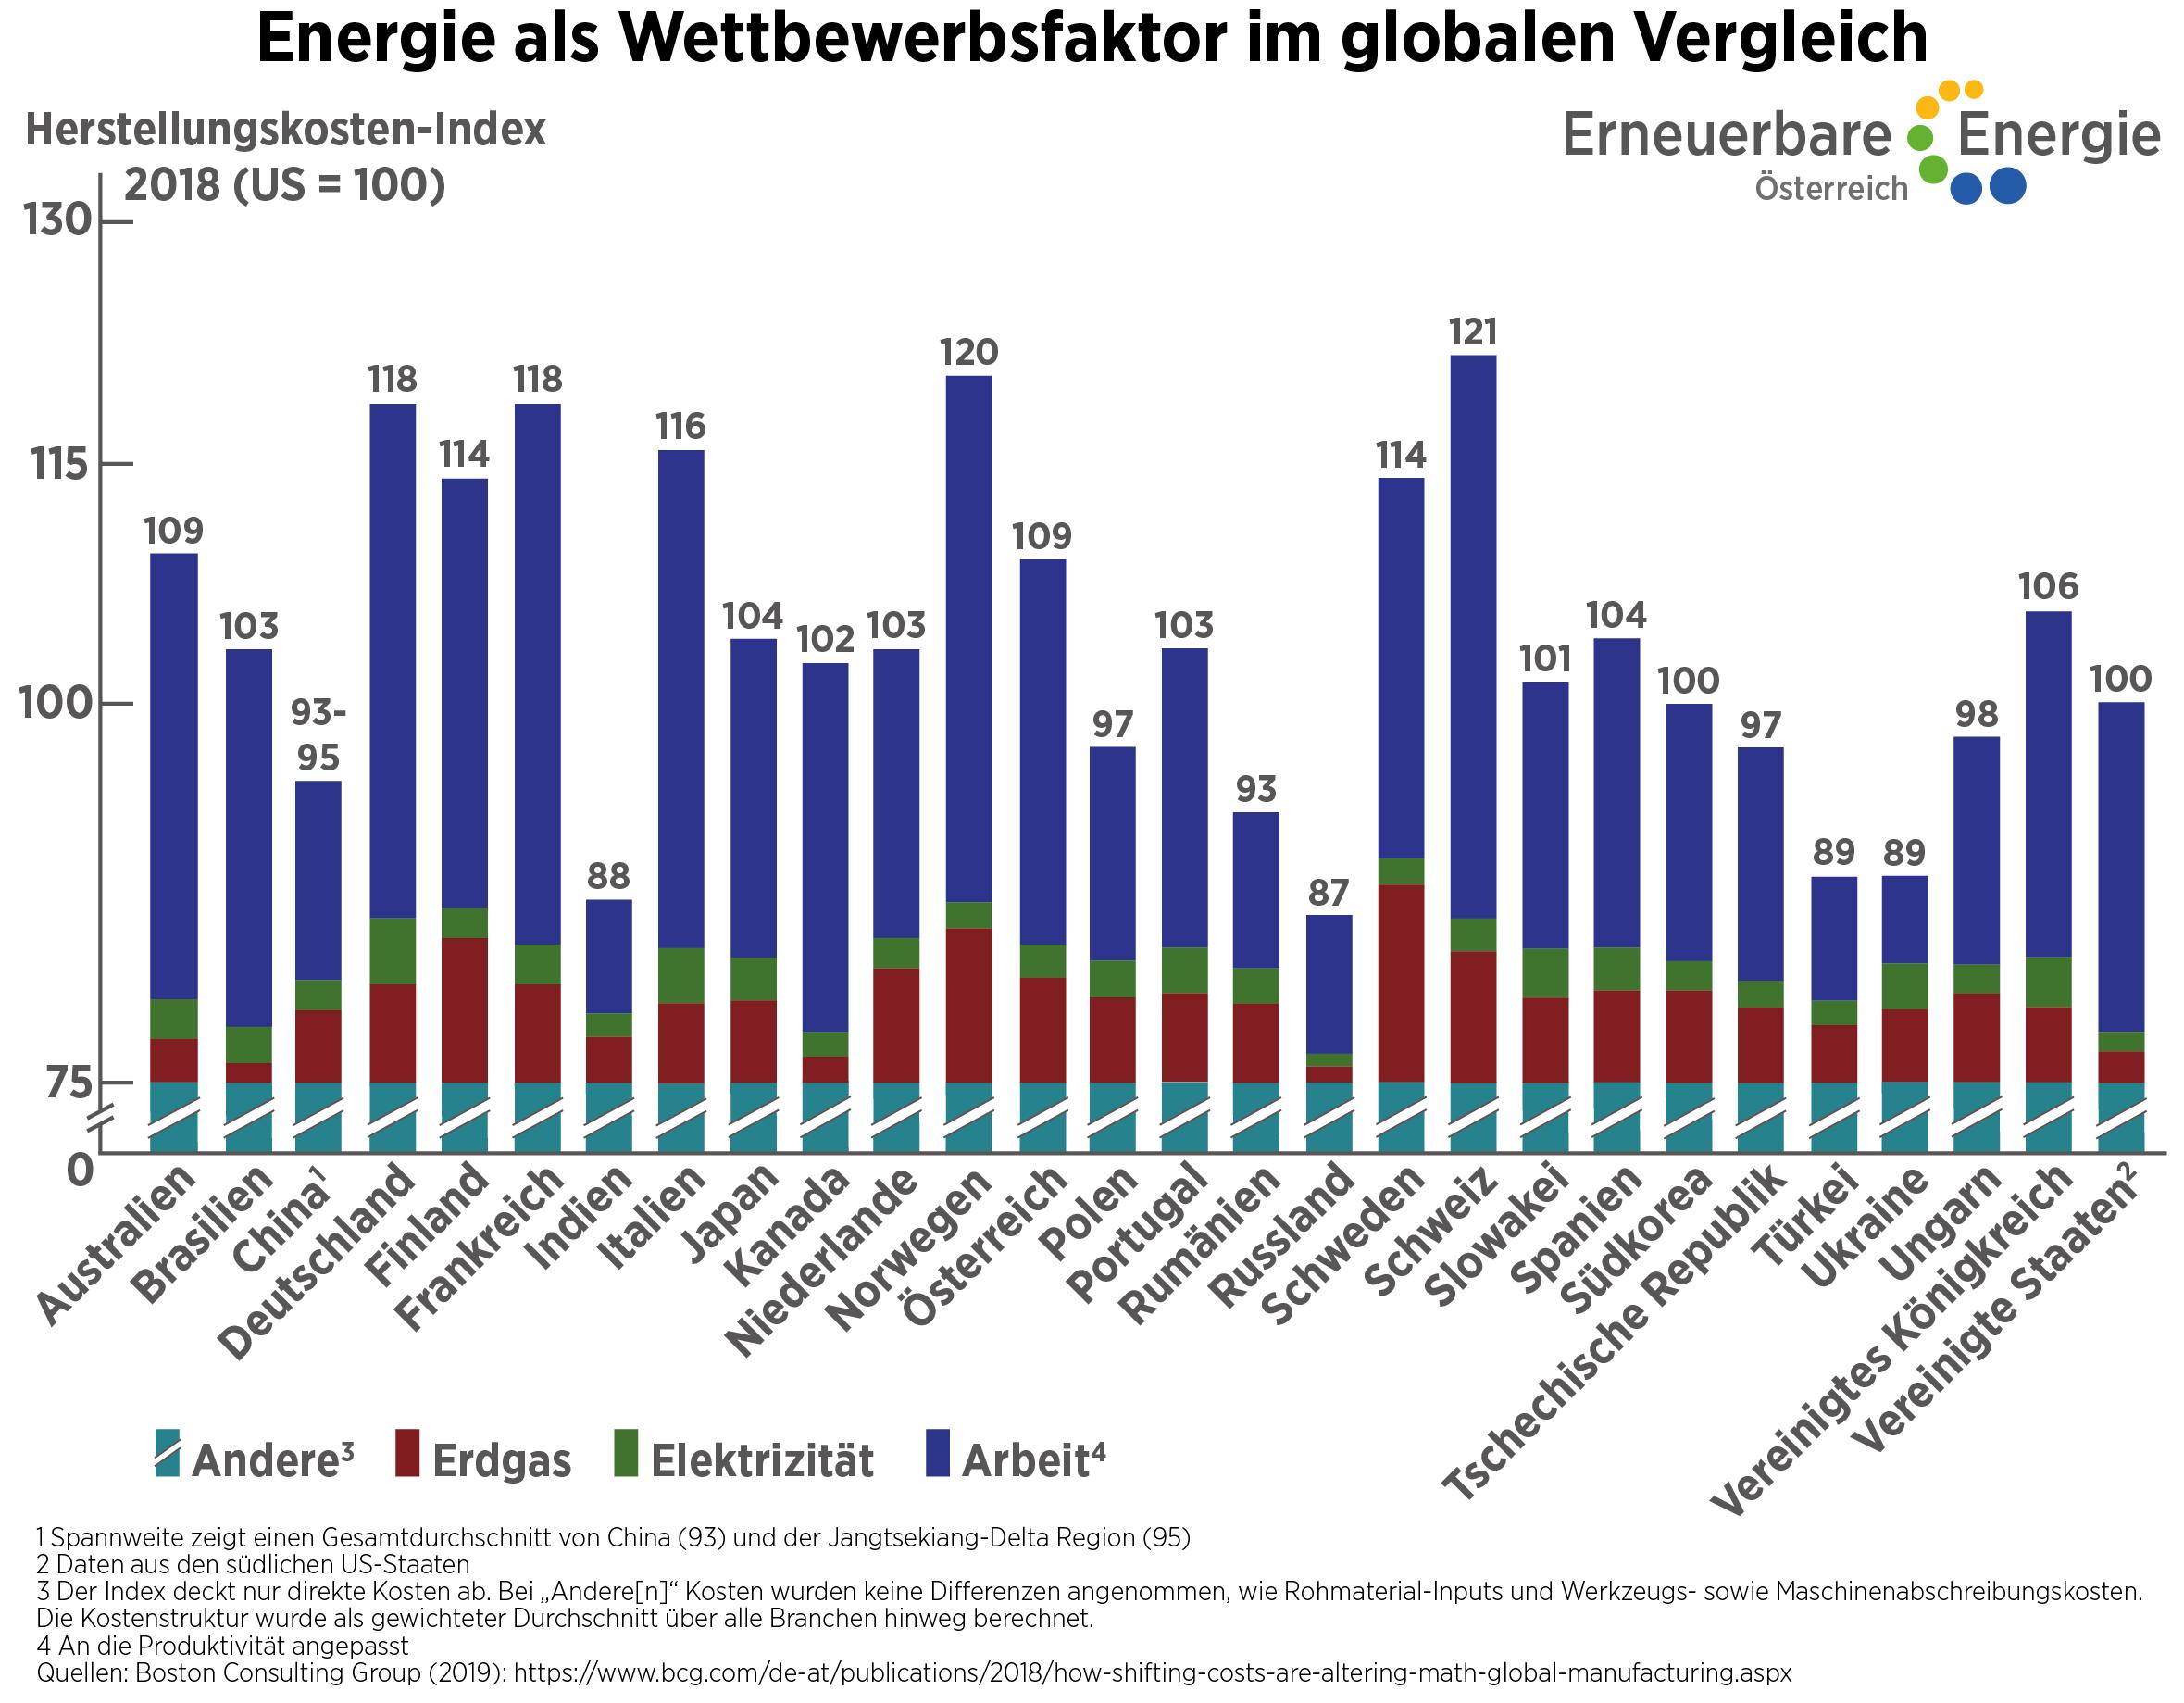 EFA3_Wettbewerbsfaehigkeit_Energie.jpg